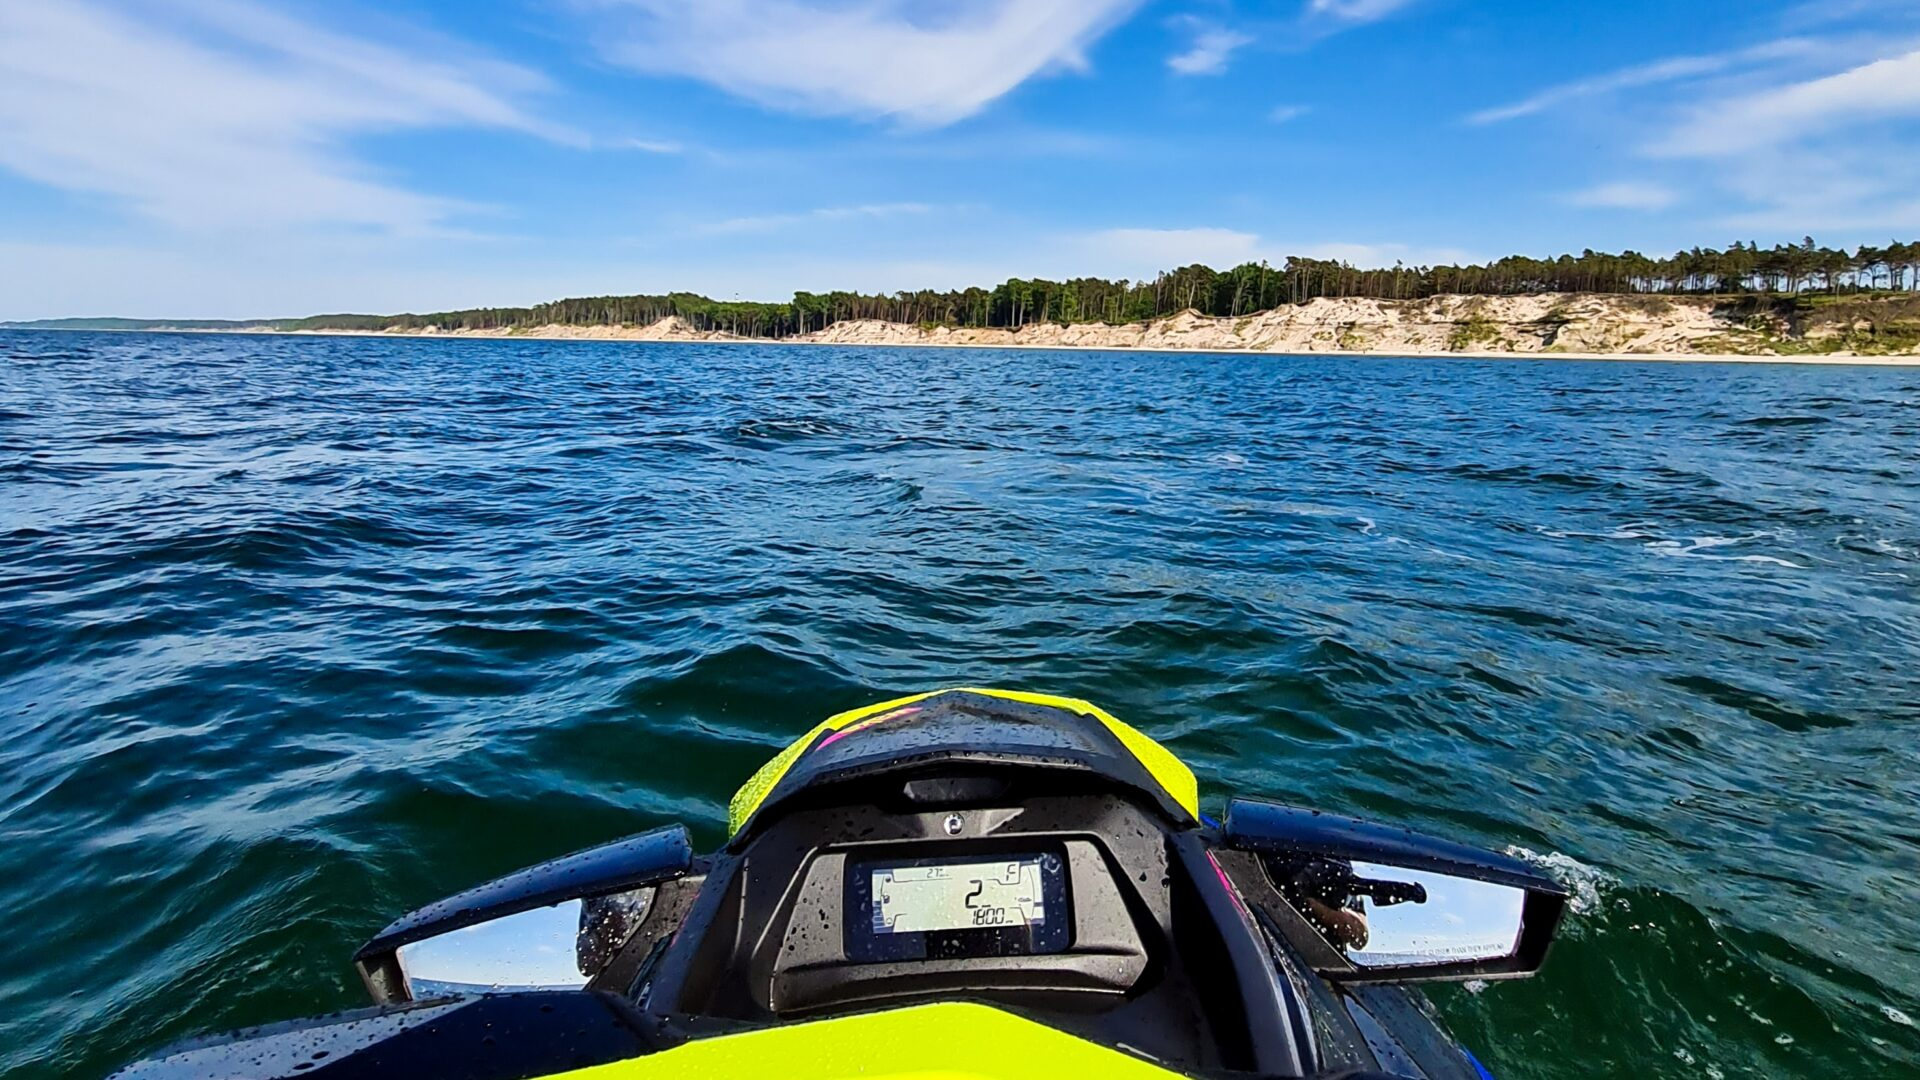 Wybrzeże Ustki widziane ze skutera wodnego - Wypożyczalnia SURF IT w Ustce